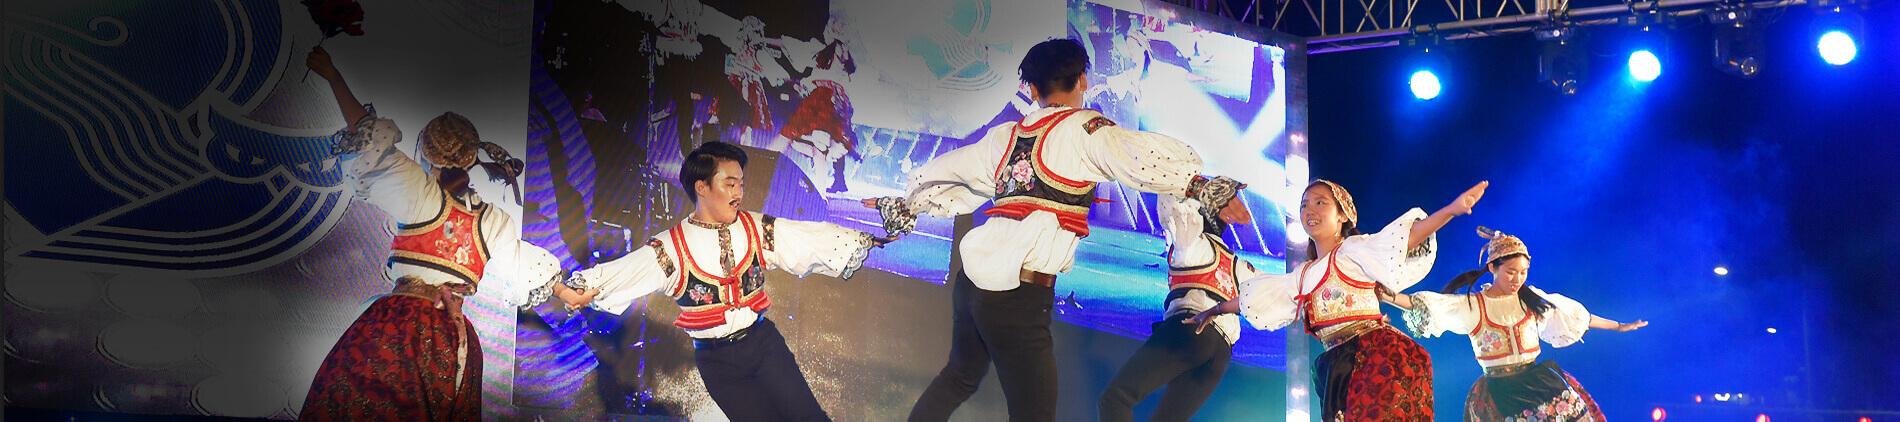 제28회 한국외대 세계민속문화축전 개최